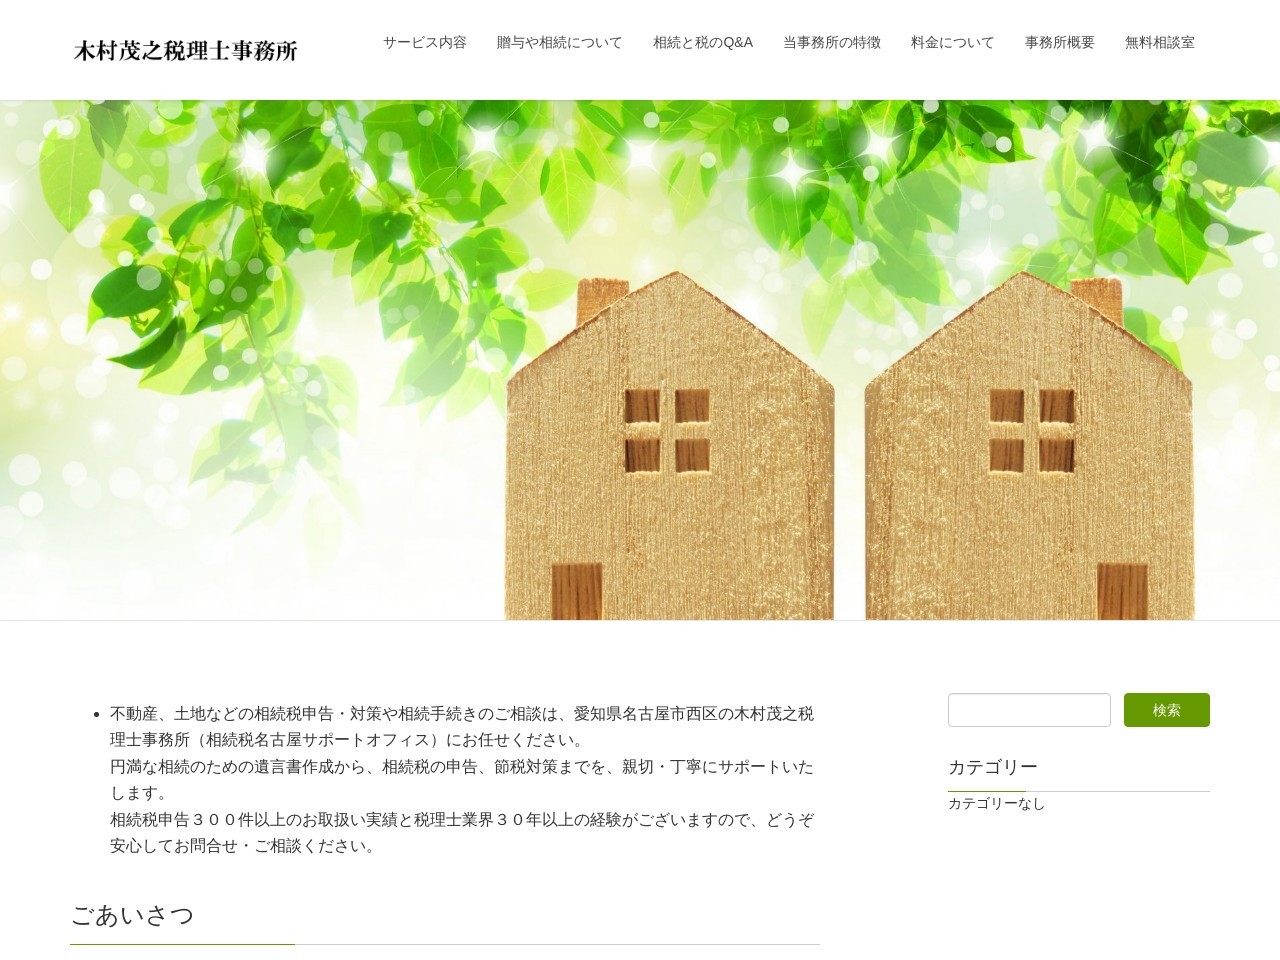 木村茂之税理士事務所